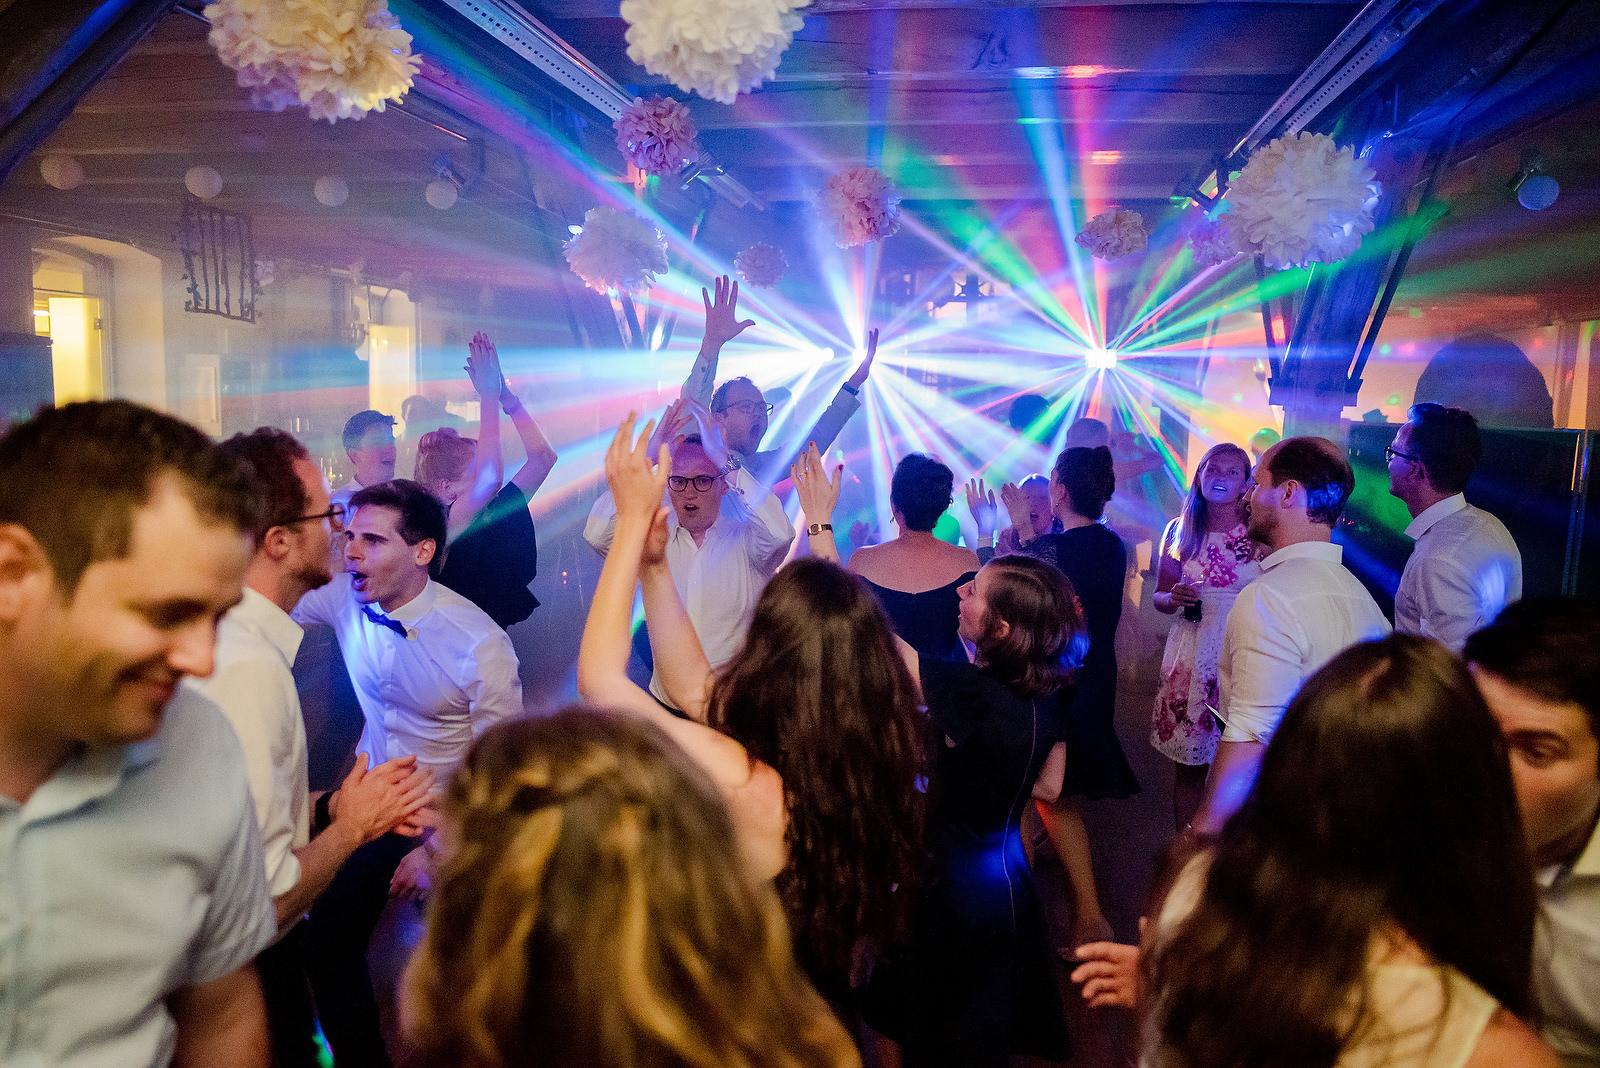 Fotograf Konstanz - Hochzeitsfotograf Bodensee Zollhaus Ludwigshafen Hochzeit Konstanz EFP 174 - Hochzeitsreportage im Zollhaus in Bodman-Ludwigshafen, Bodensee  - 272 -